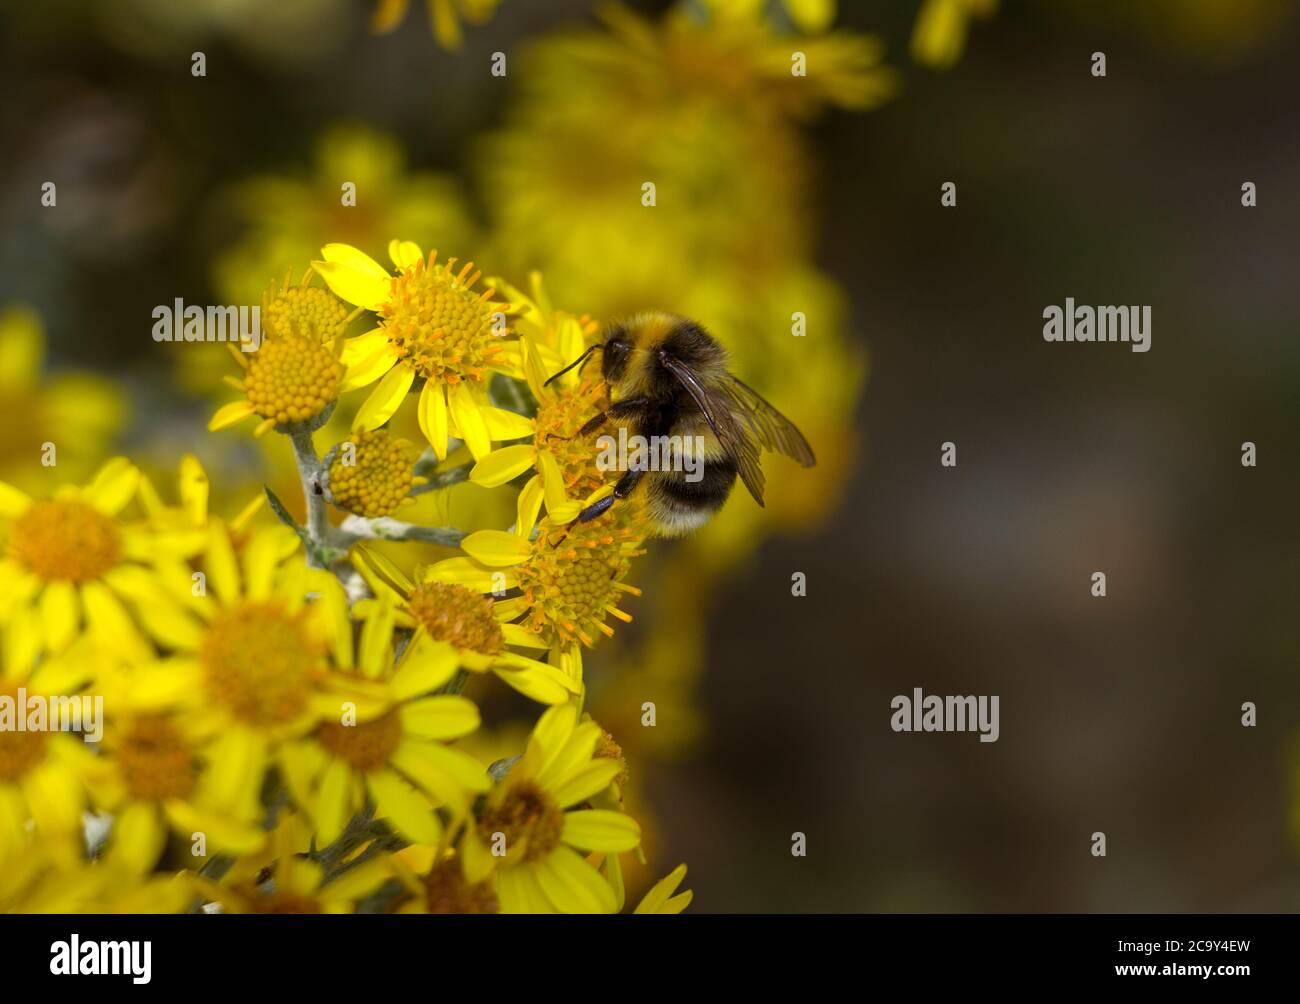 Une abeille Bumble à queue blanche recueille le pollen et le nectar des fleurs d'un Ragot commun qui aide à la pollinisation des plantes. Banque D'Images